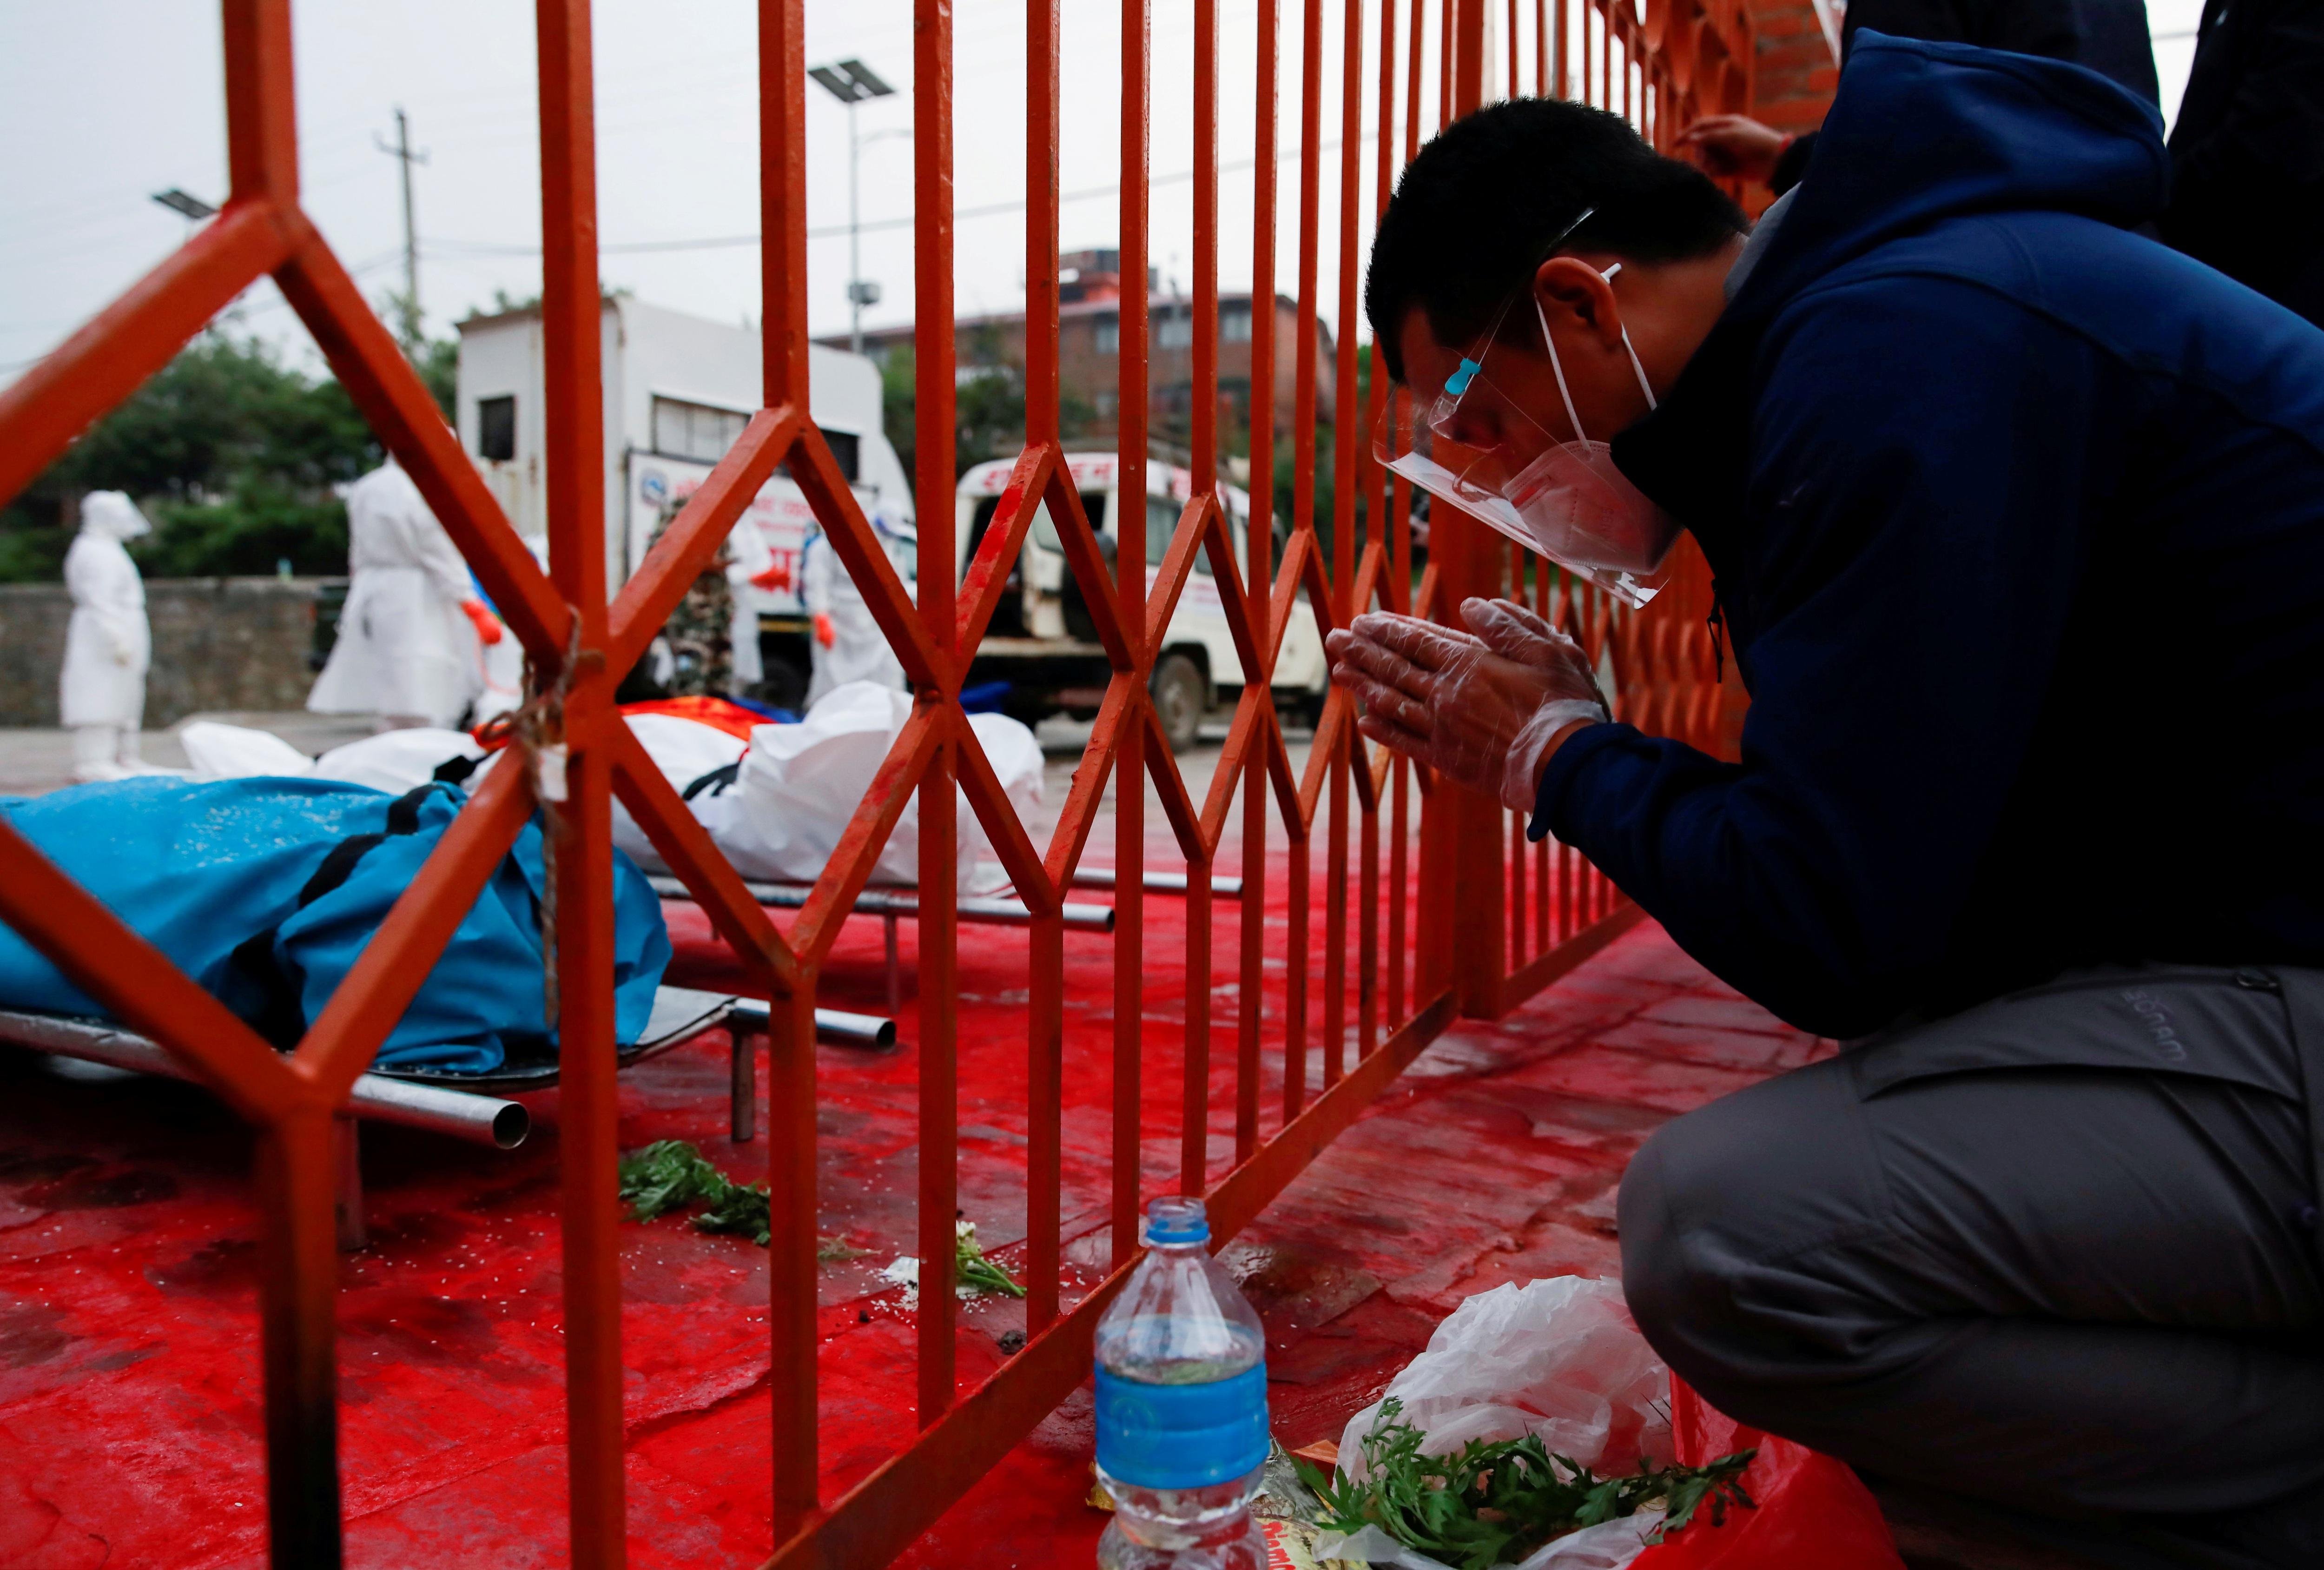 'Bão' Covid-19 tràn tới, Nepal dựng giàn thiêu tập thể - Ảnh 6.